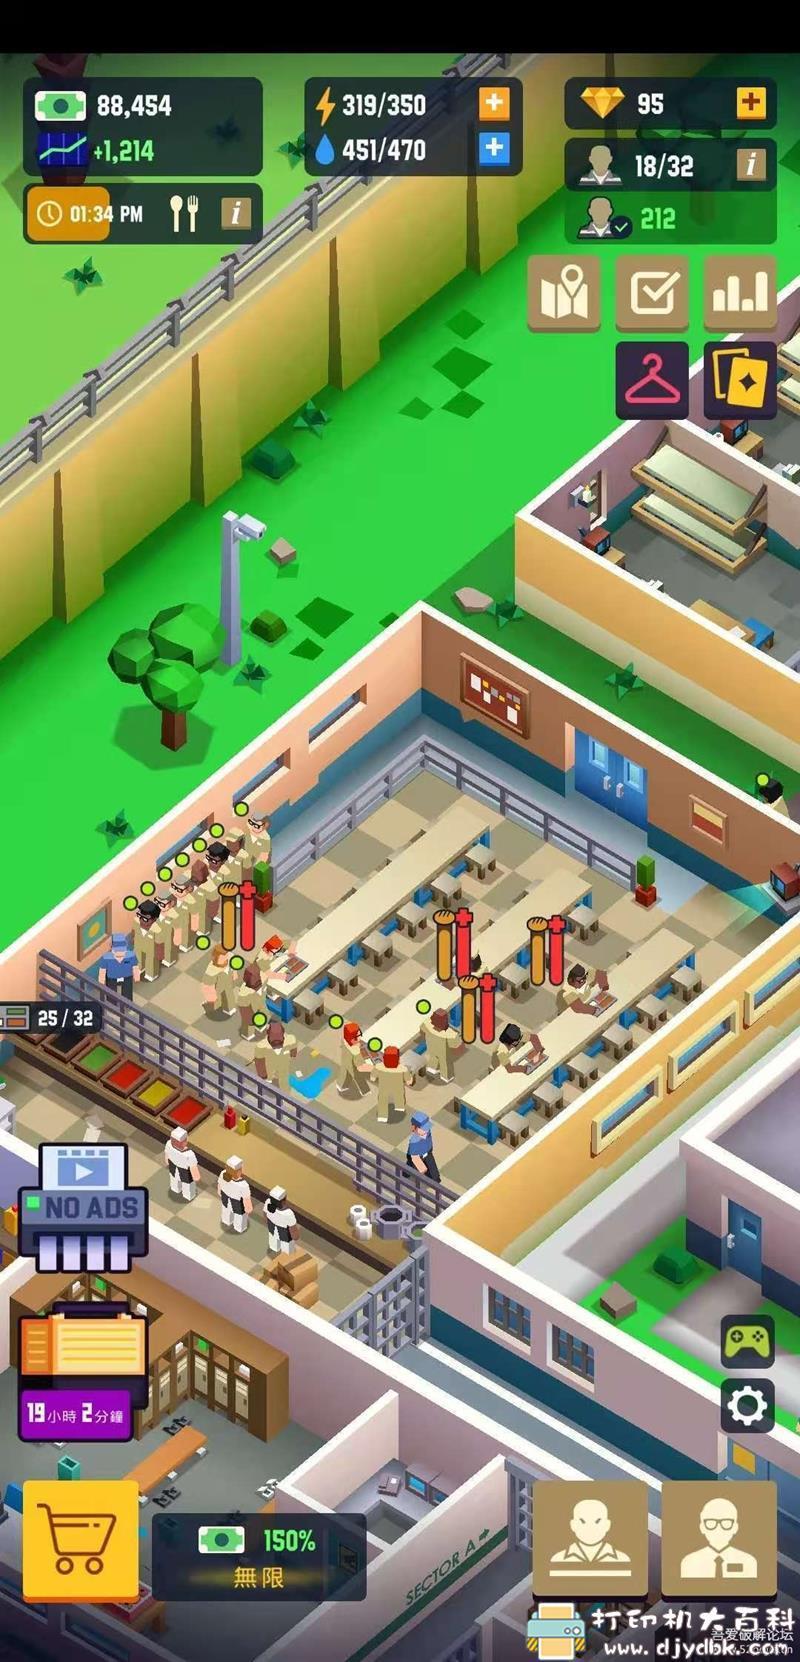 安卓游戏分享:【模拟经营】监狱帝国大亨 2.2.0 中文版 Prison Empire Tycoon 无限钞票/钻石 配图 No.2